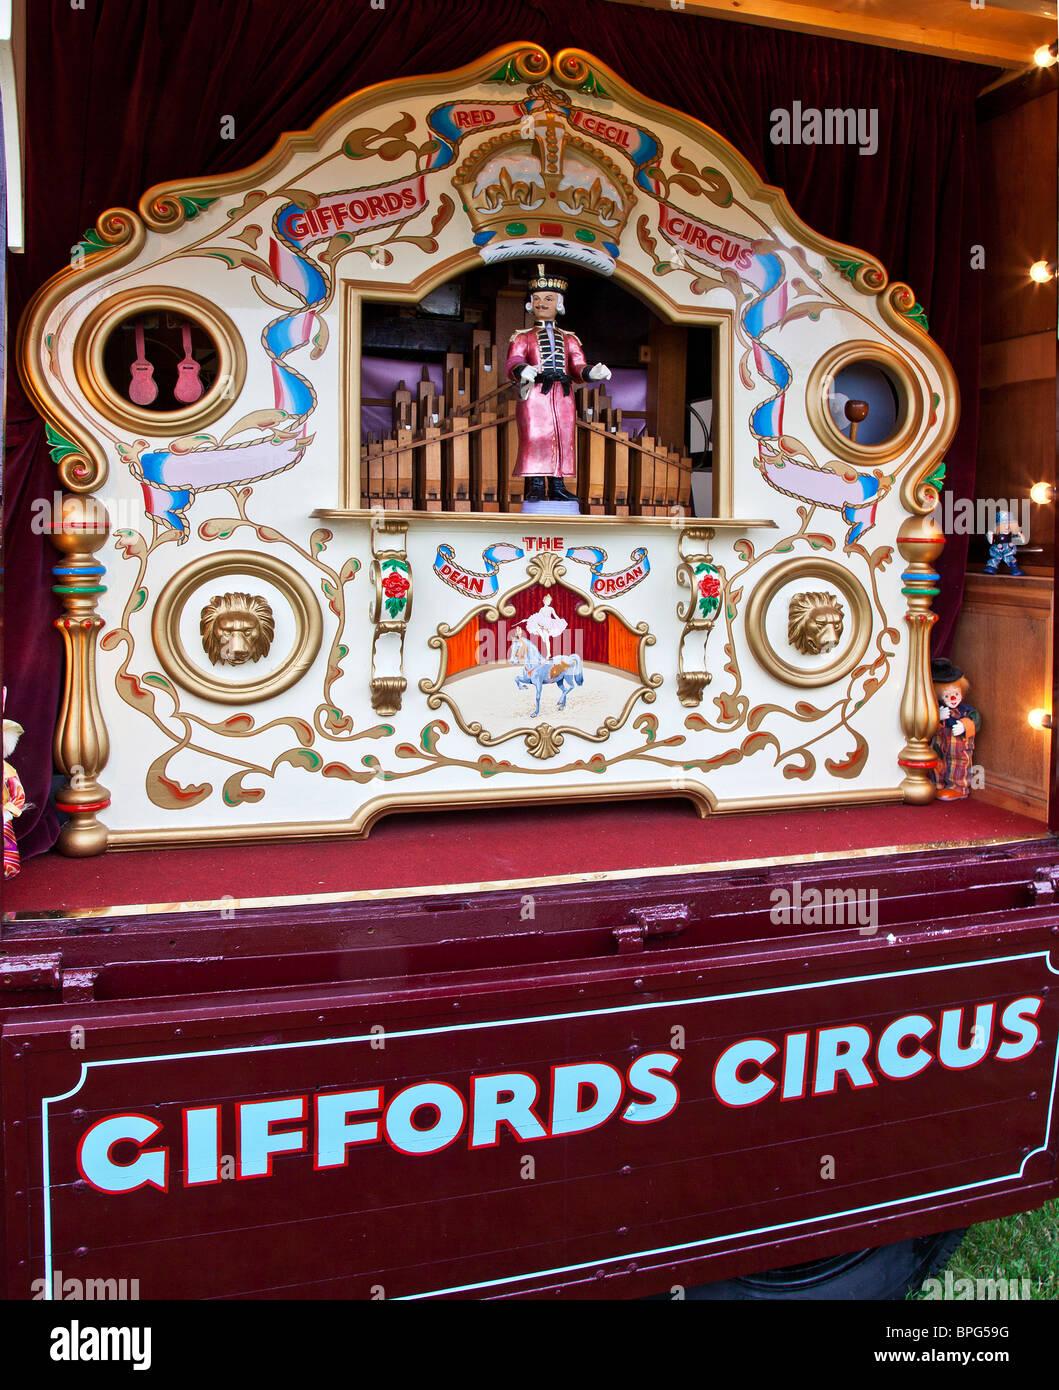 Alte traditionelle Drehorgel Zugehörigkeit zu Giffords Zirkus Stockbild